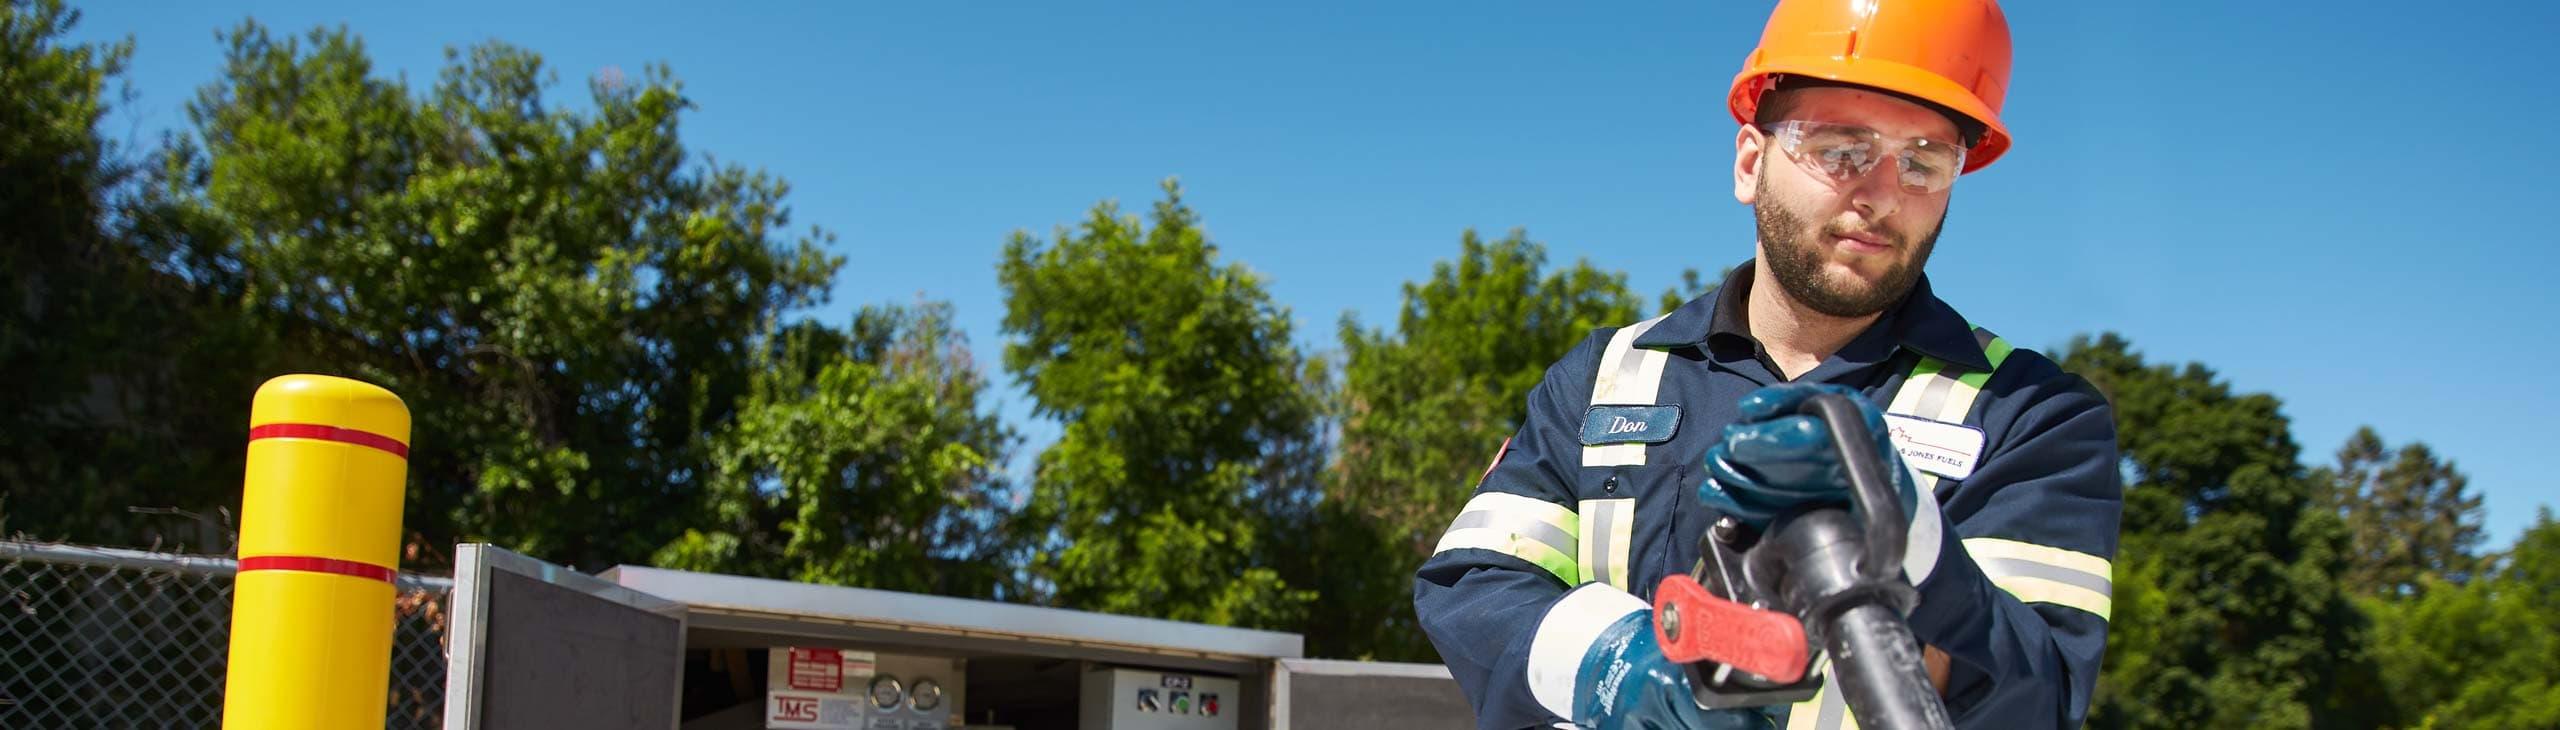 A technician delivering bulk fuel.